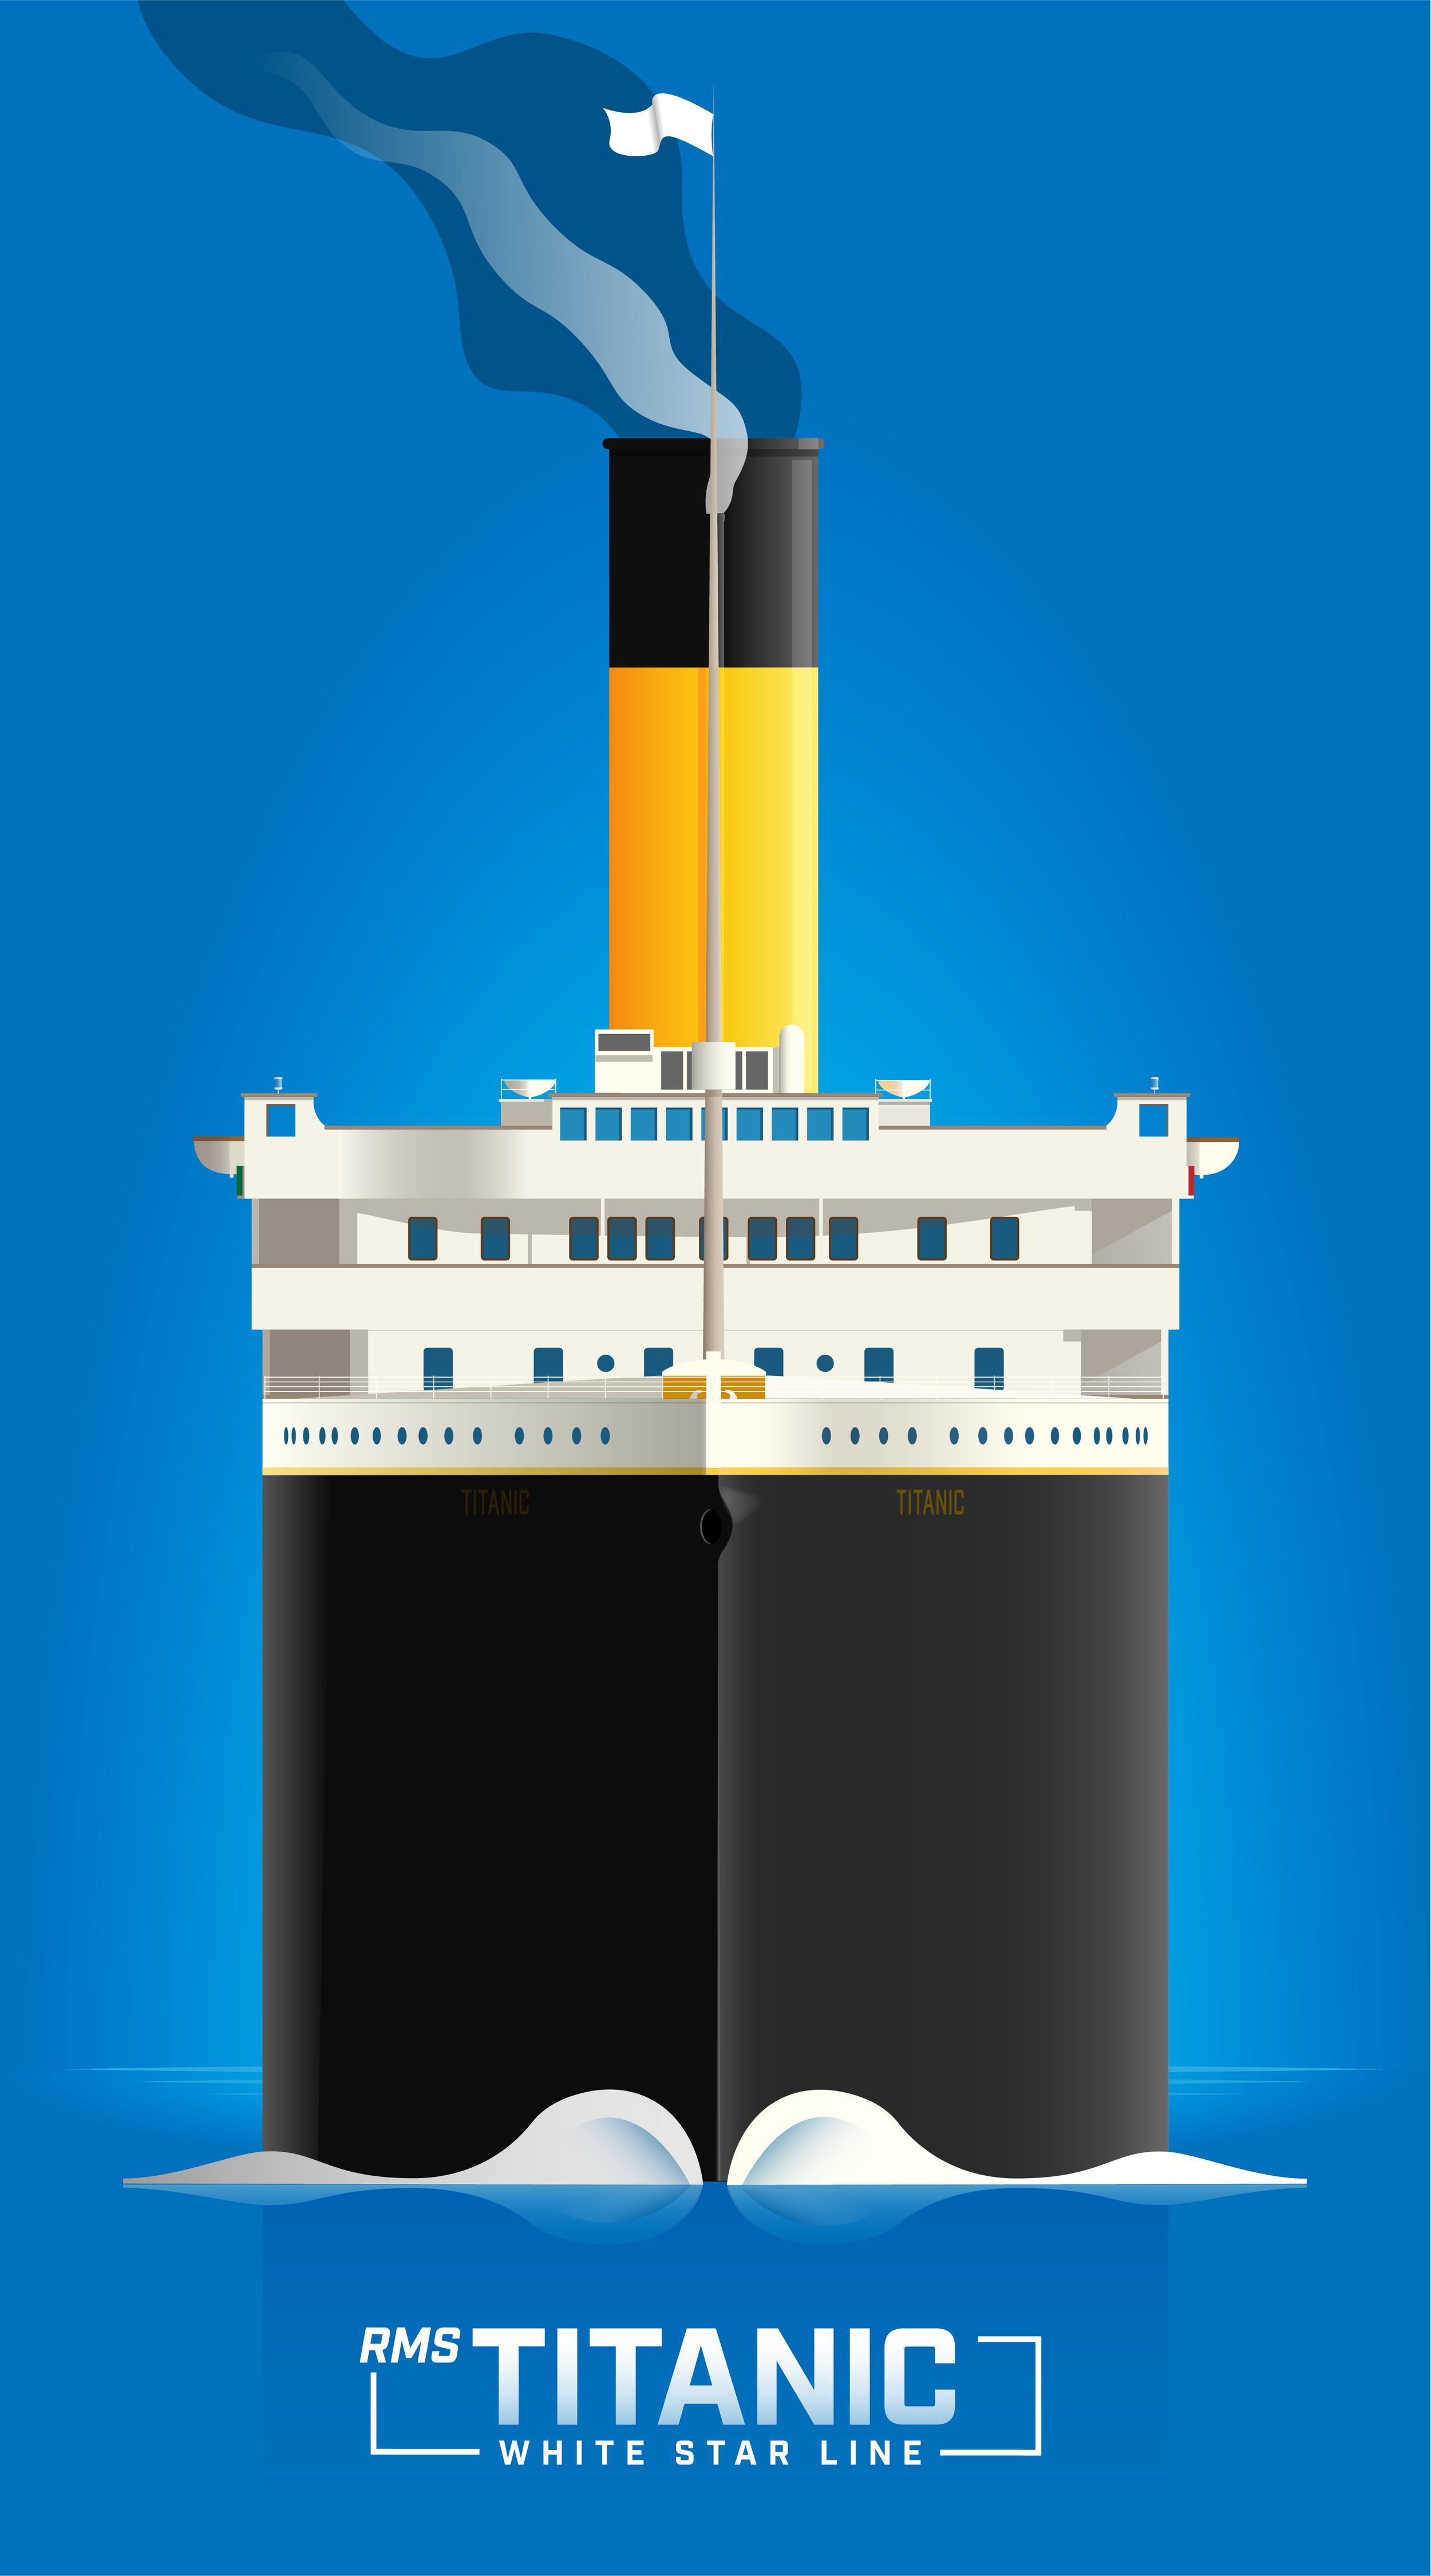 CLASSICLINER-Titanic-01-v1-01.png